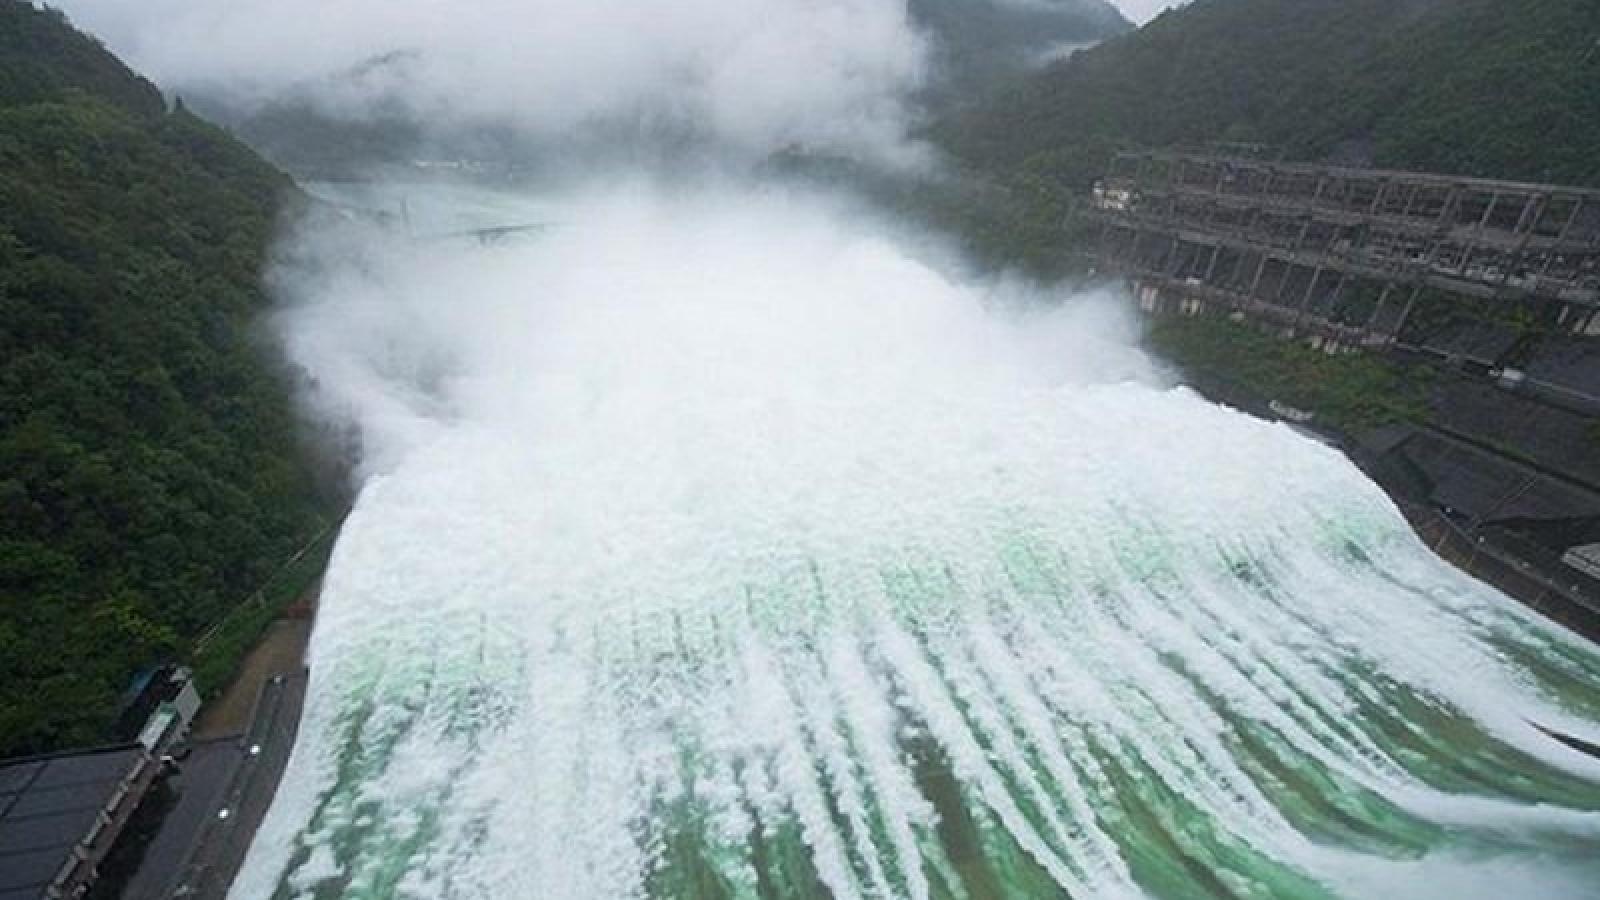 Trung Quốc: Lũ số 3 xuất hiện trên sông Trường Giang